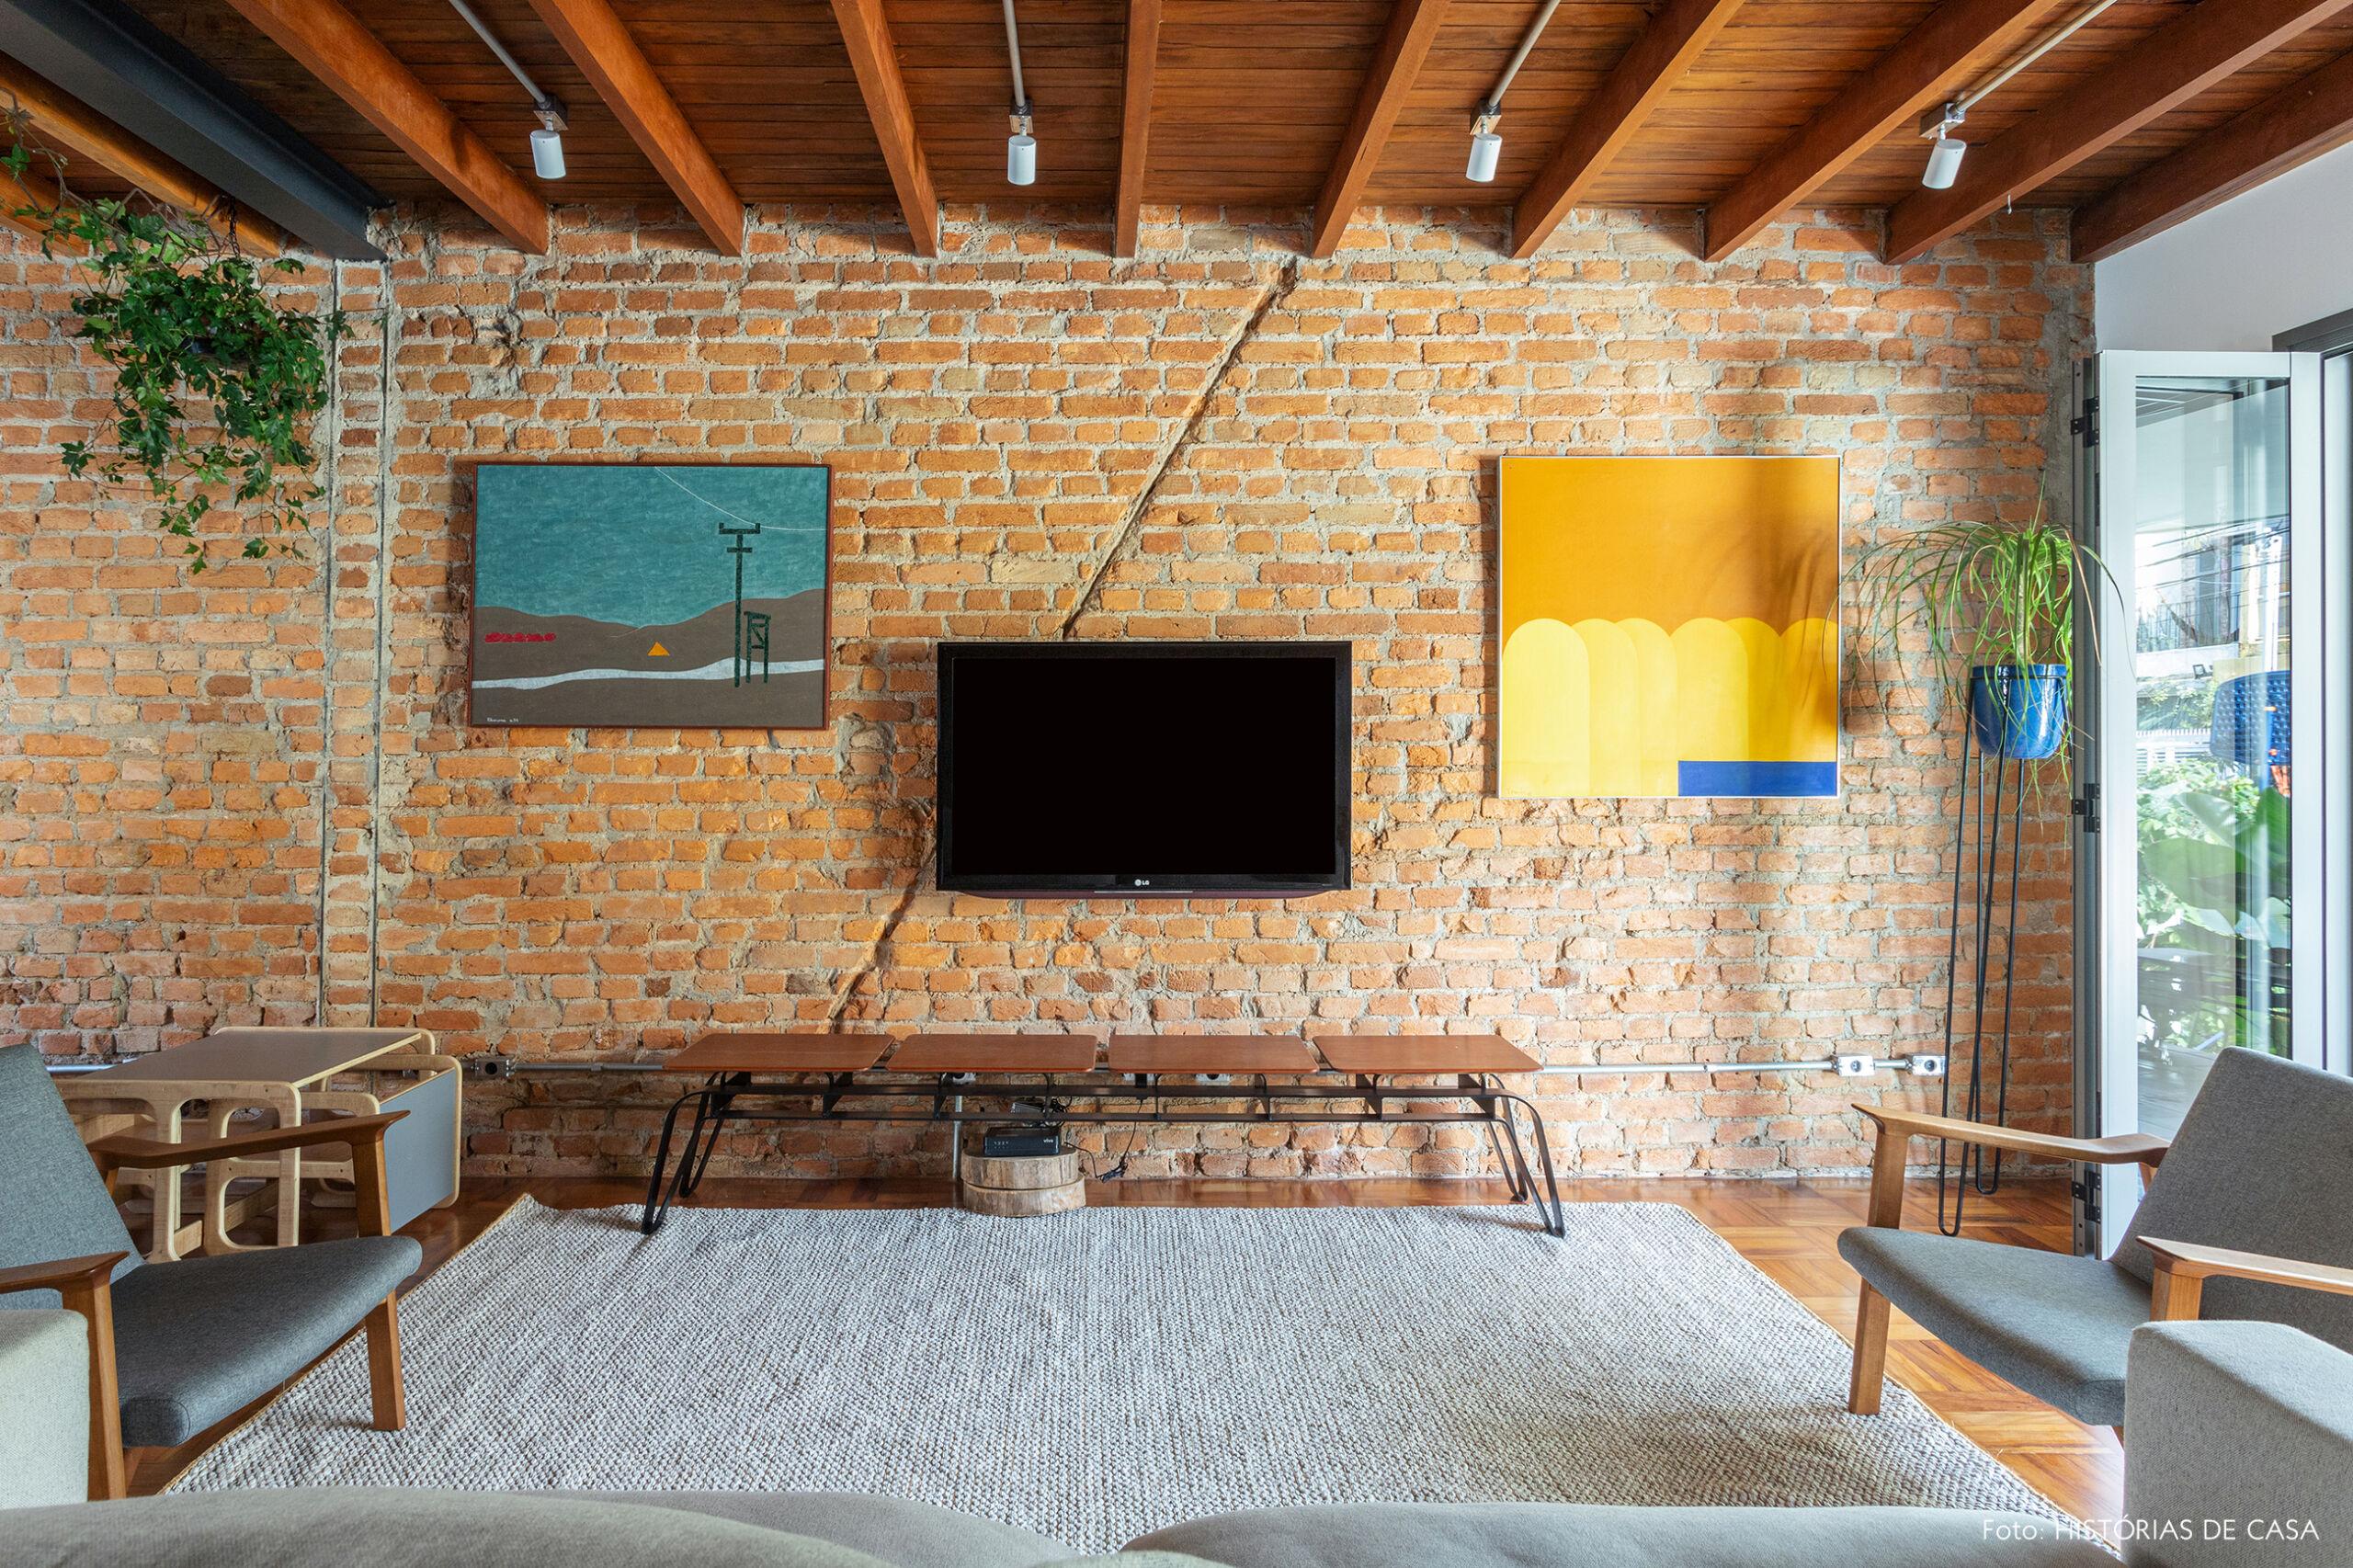 Casa antiga com parede de tijolinho na sala e forro de madeira